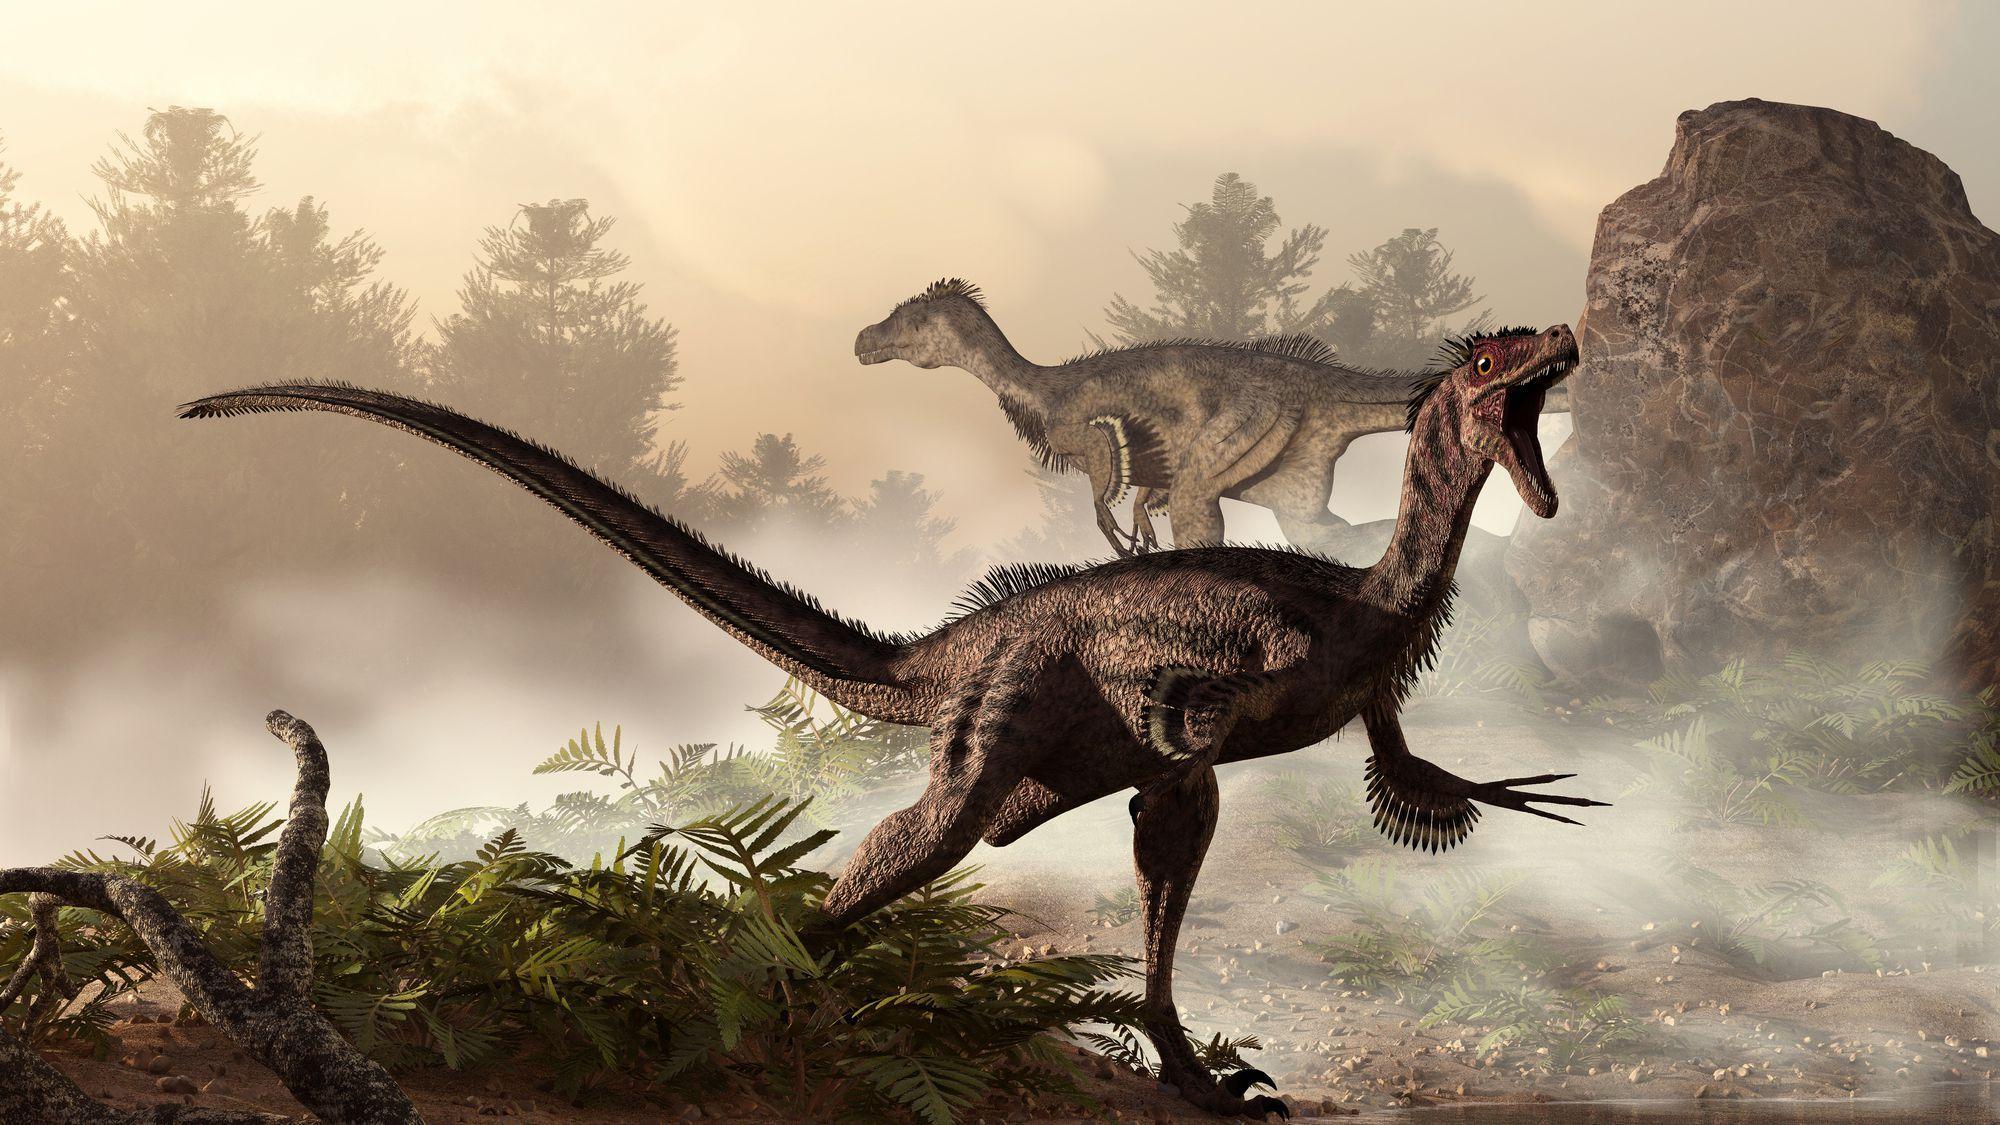 Популярность динозавров — это хорошо или плохо?